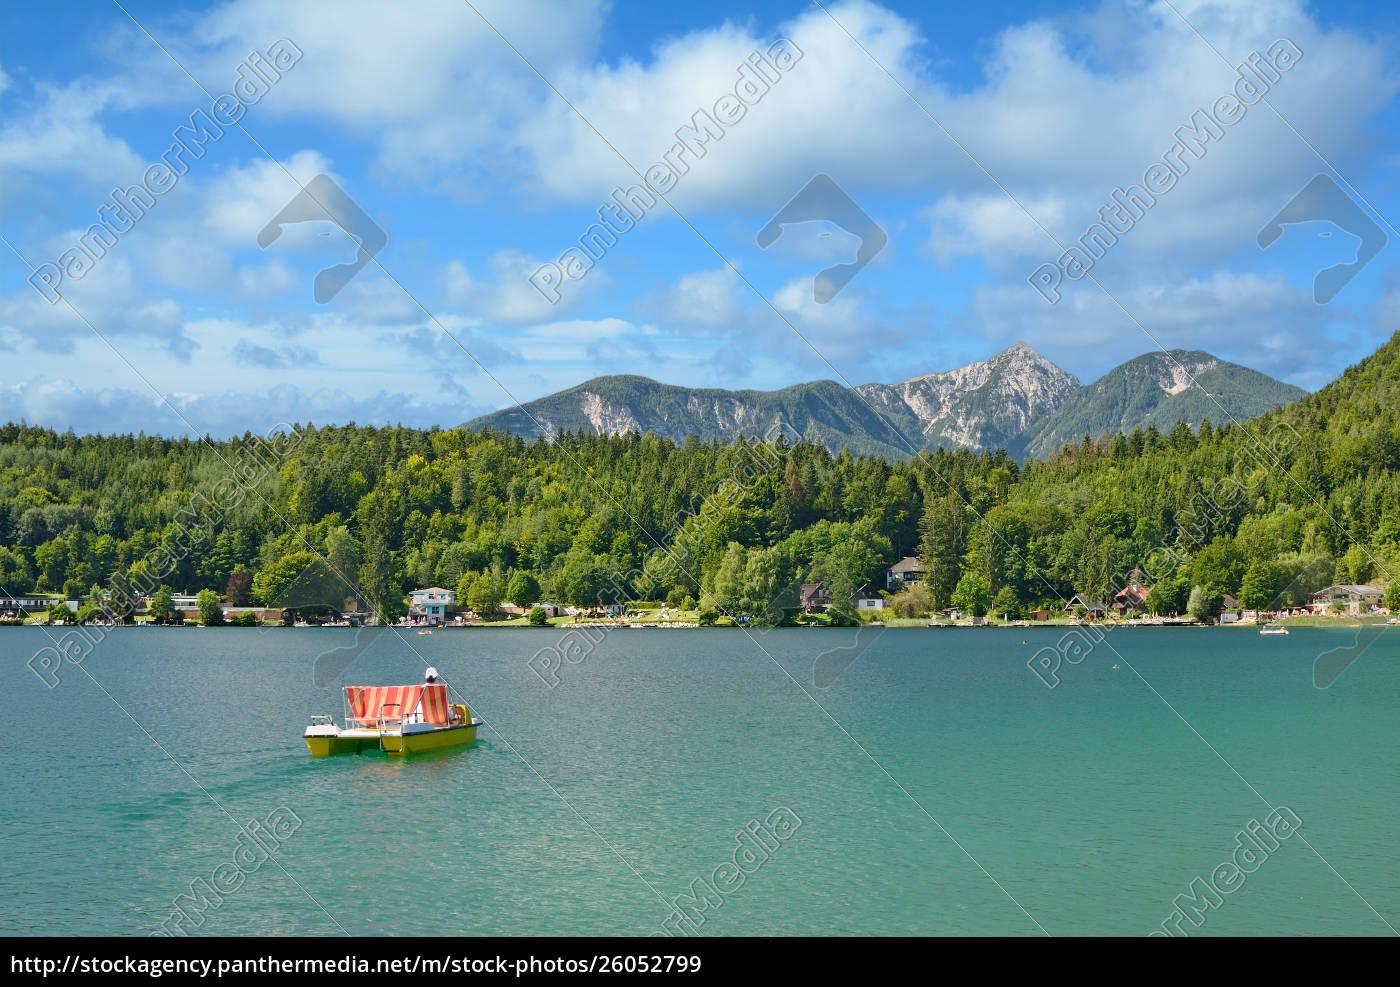 en, el, lago, klopeiner, ver, en - 26052799